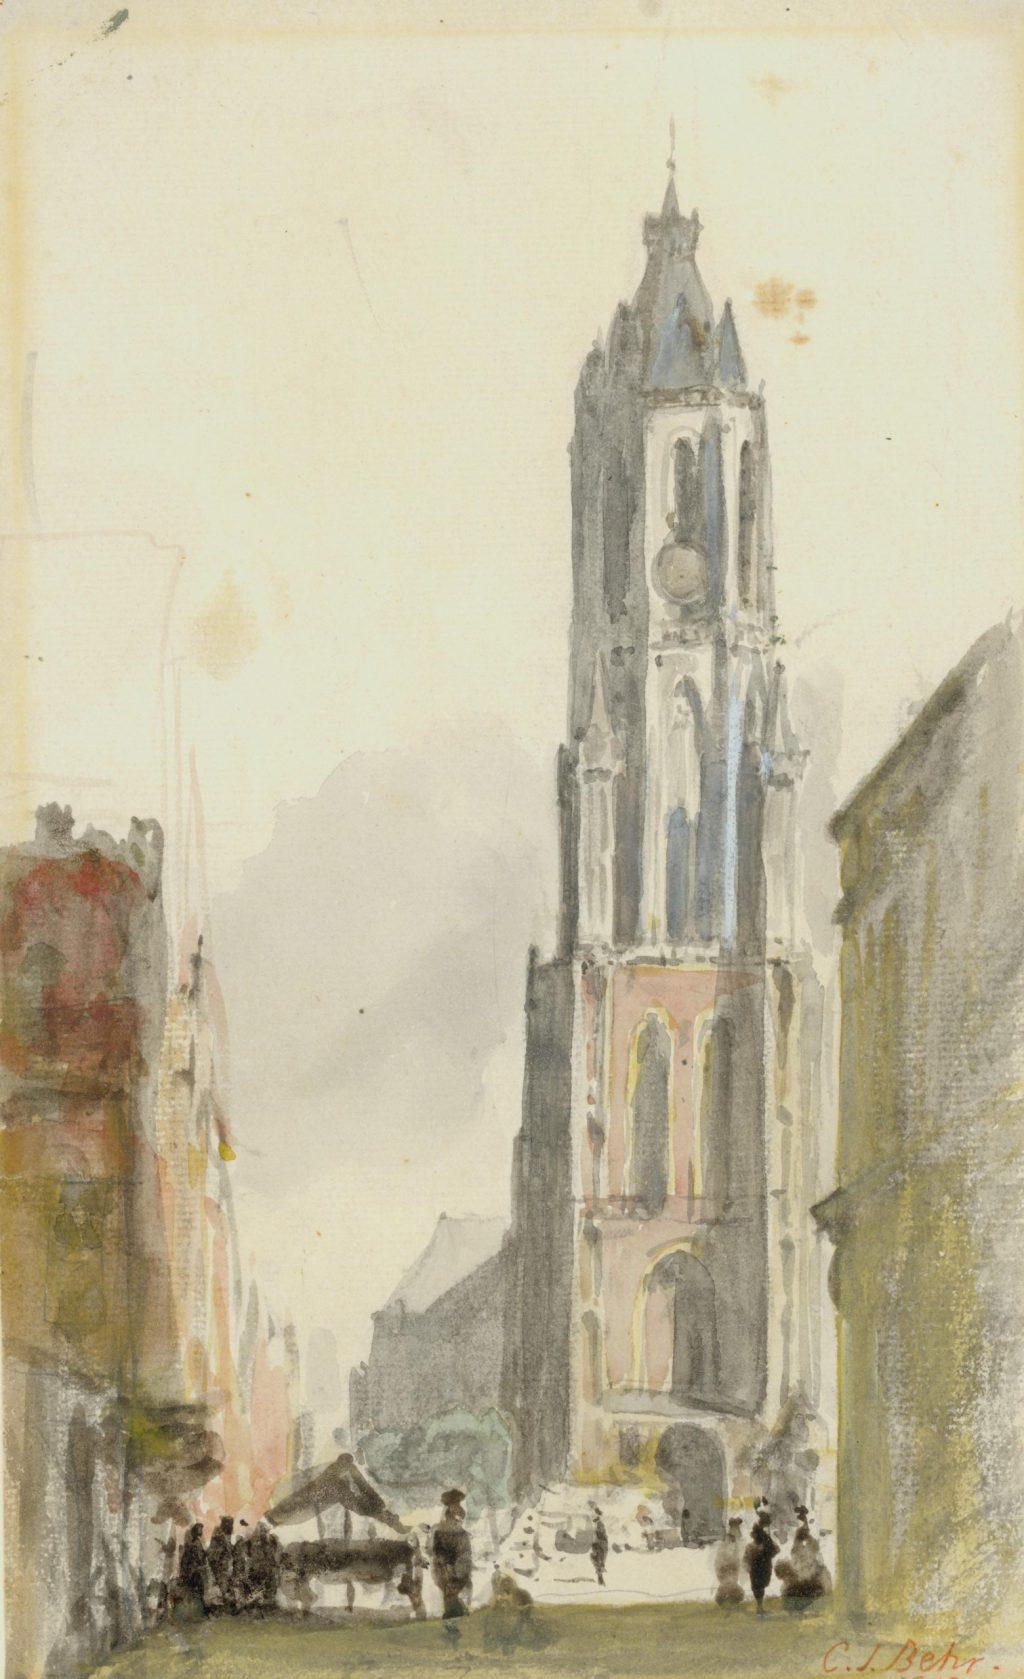 C.J. Behr, Nieuwe Kerk met de oude torenspits, 1865 (TMS 68322)